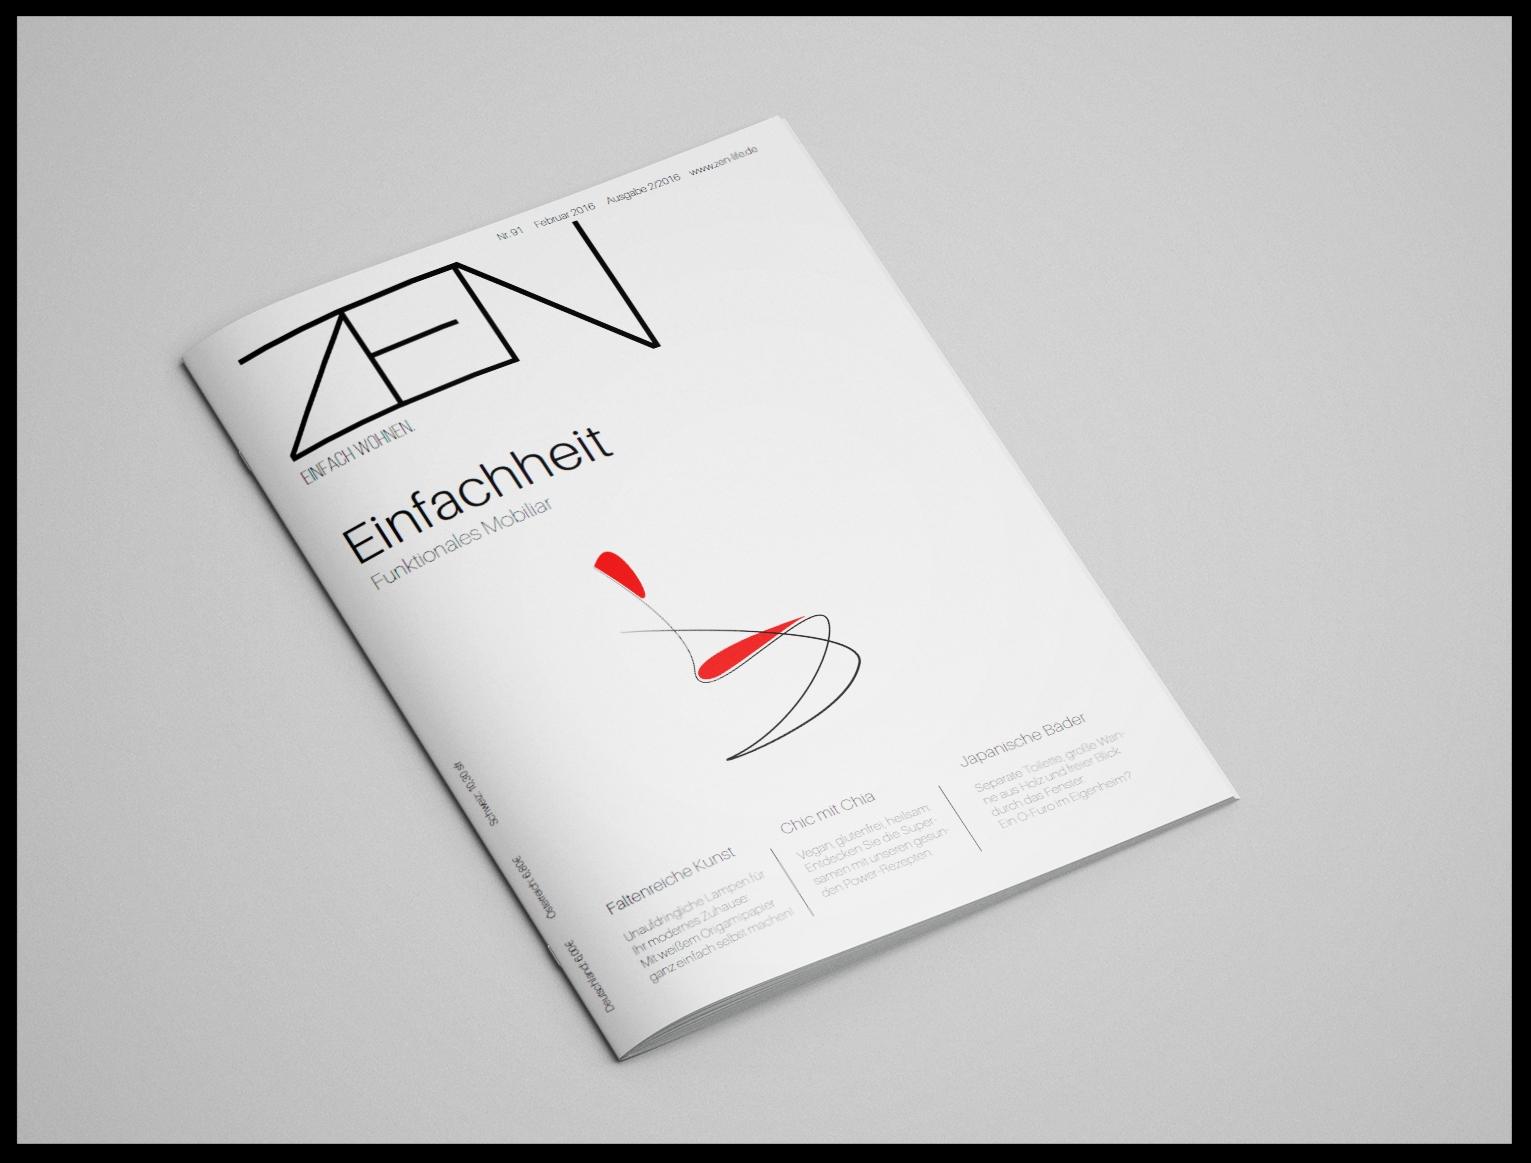 Editorial design zeitschriftencover sch pfergeist Wohn zeitschrift